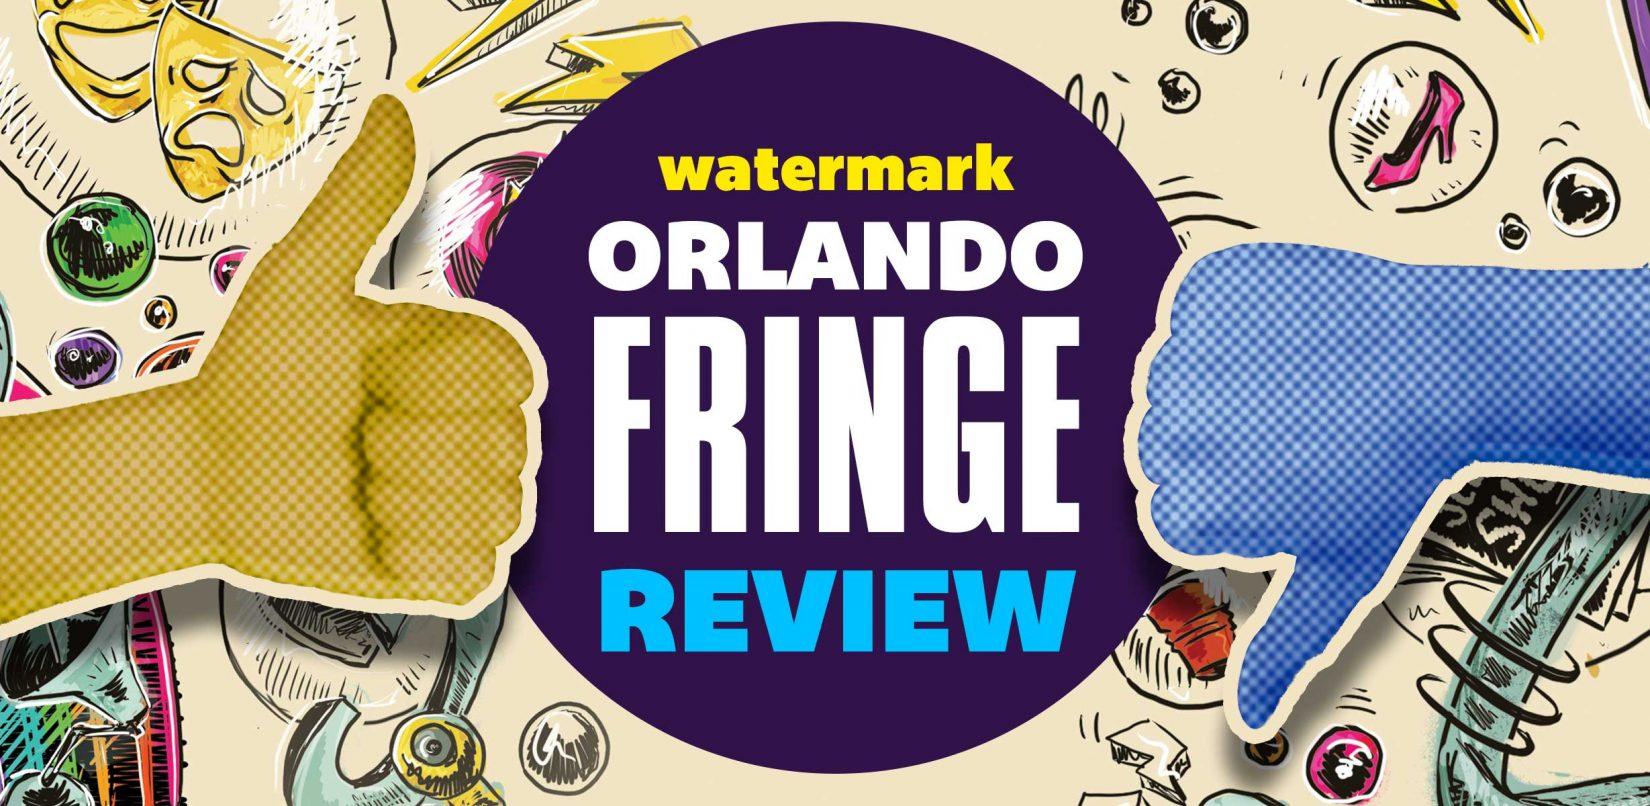 Watermark Orlando Magic